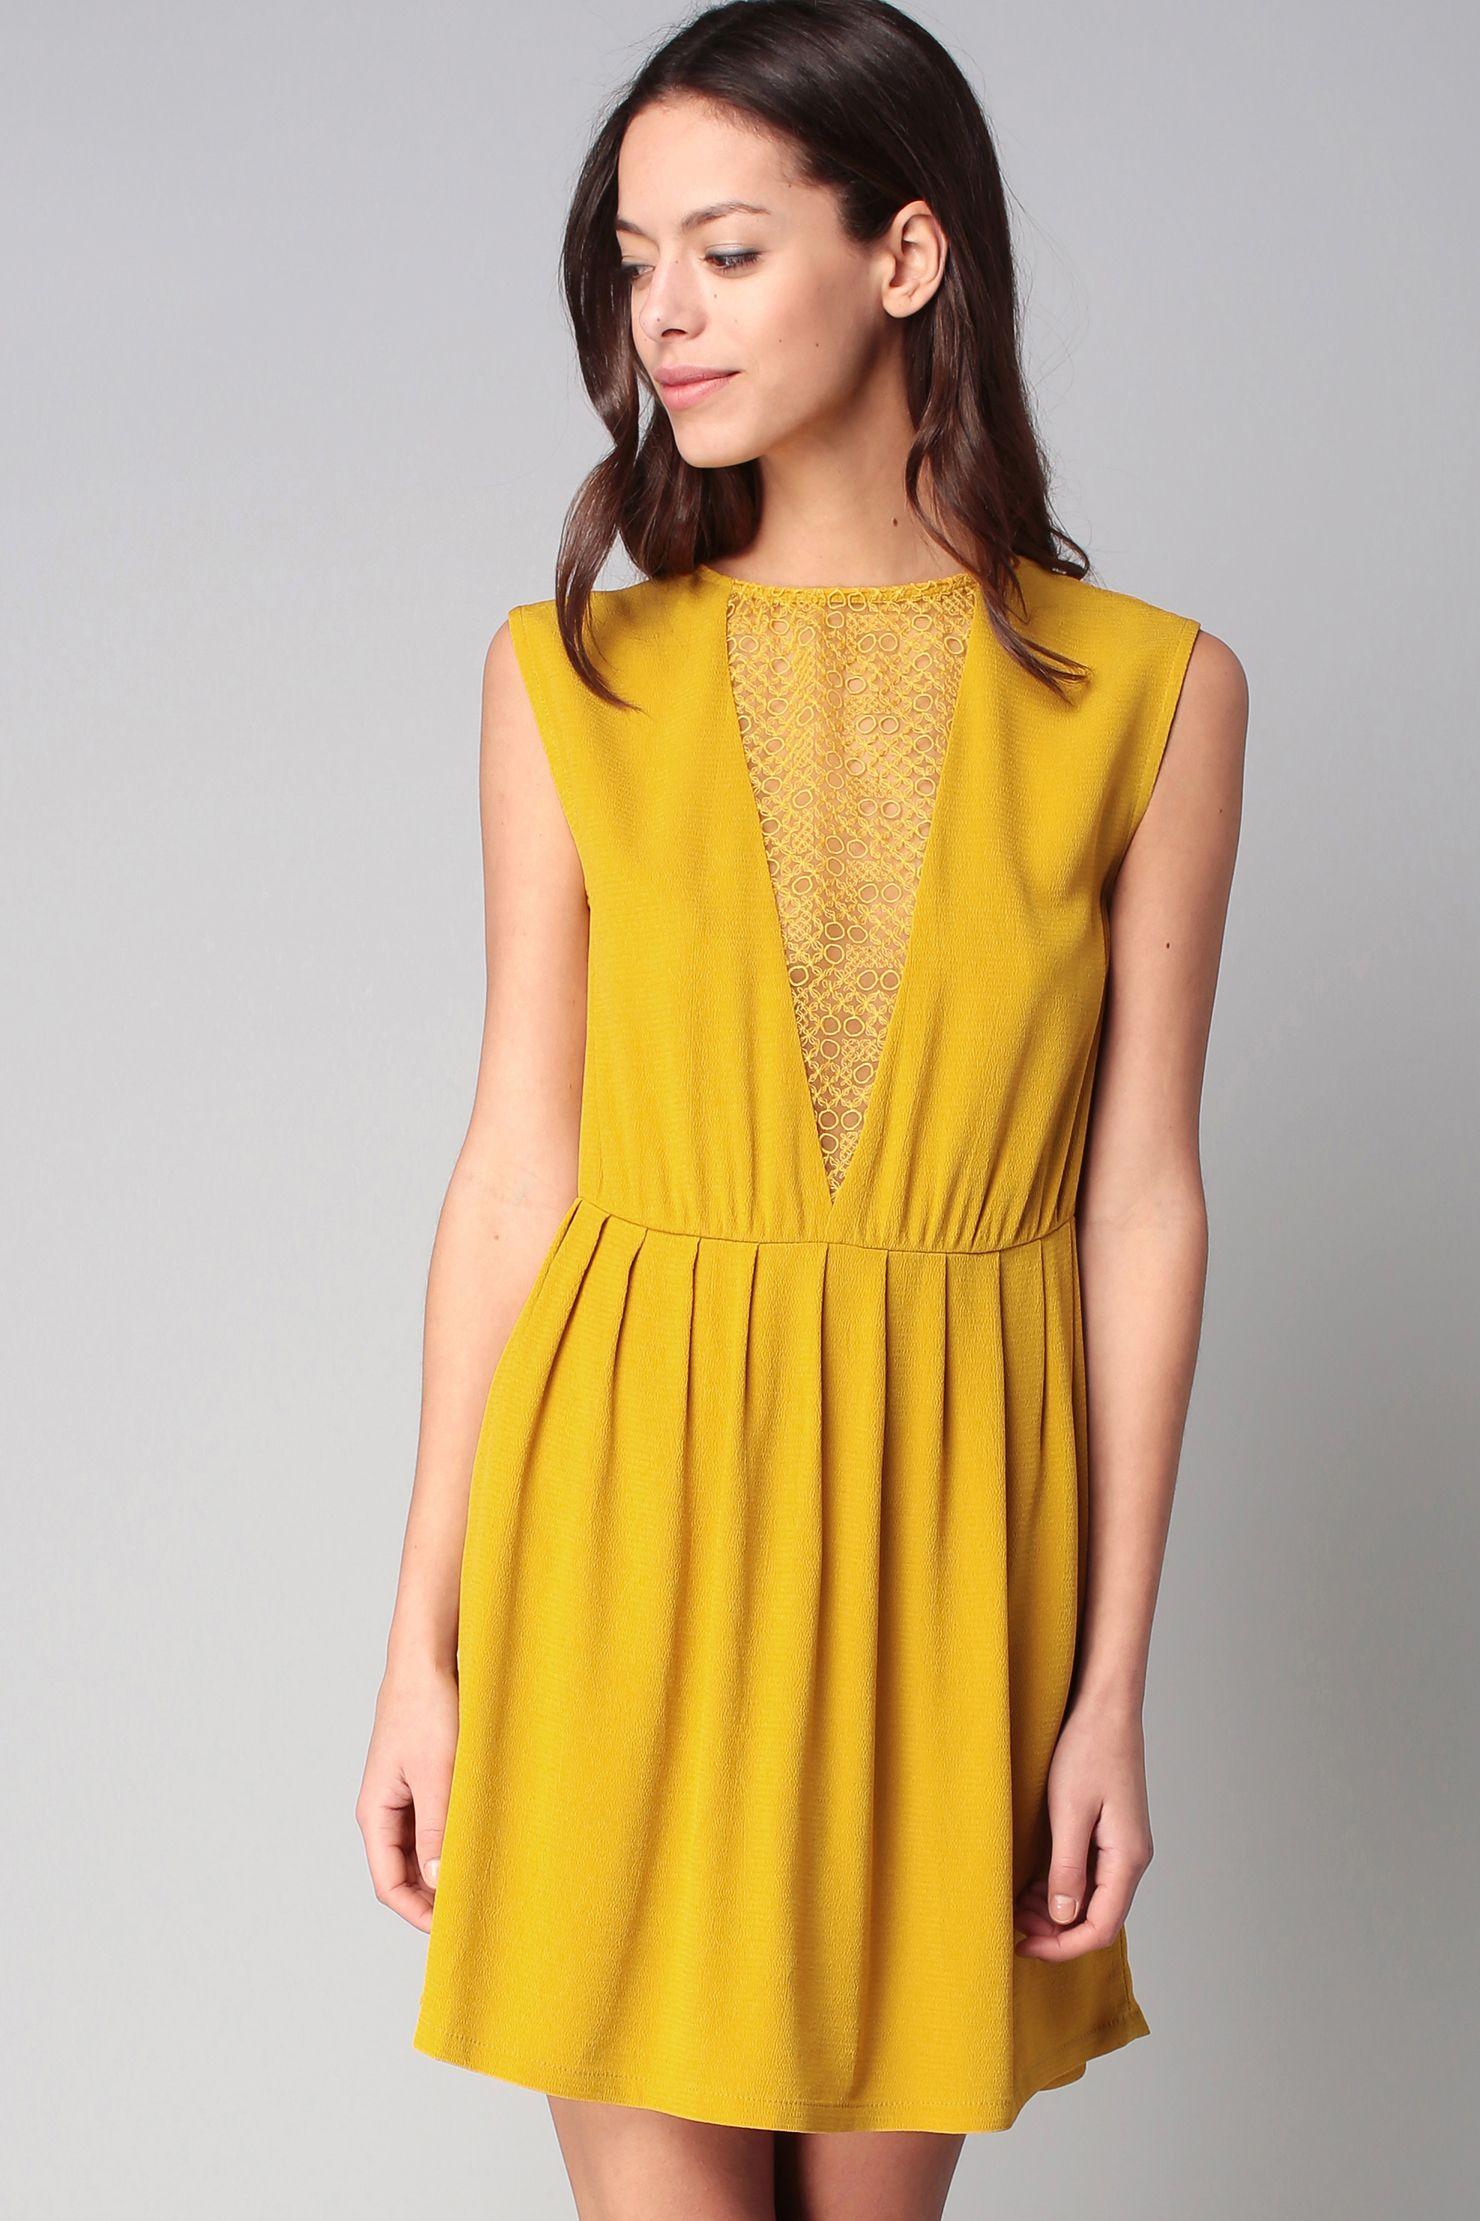 0b1c358a5c1 Robe mariage jaune moutarde – Blog de photos de robes de soirée